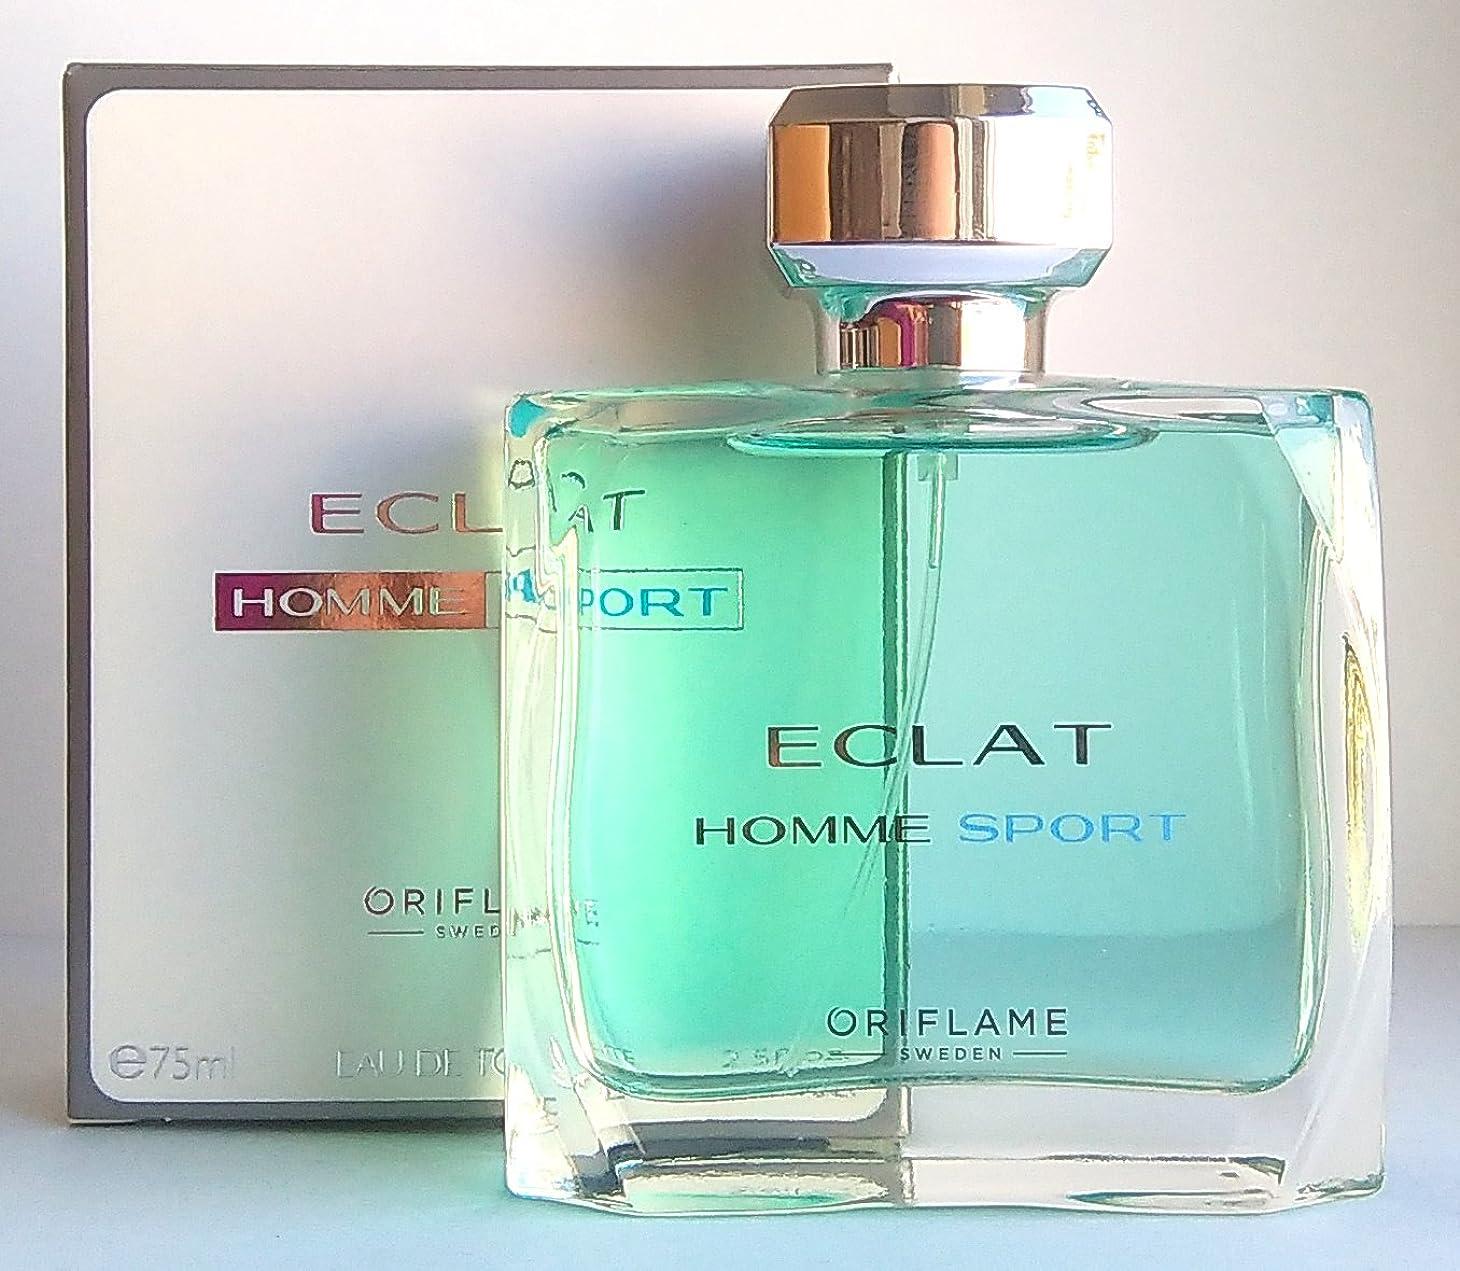 なめらかデンマーク医薬品ORIFLAME Eclat Homme Sport Eau de Toilette For Him 75ml - 2.5oz